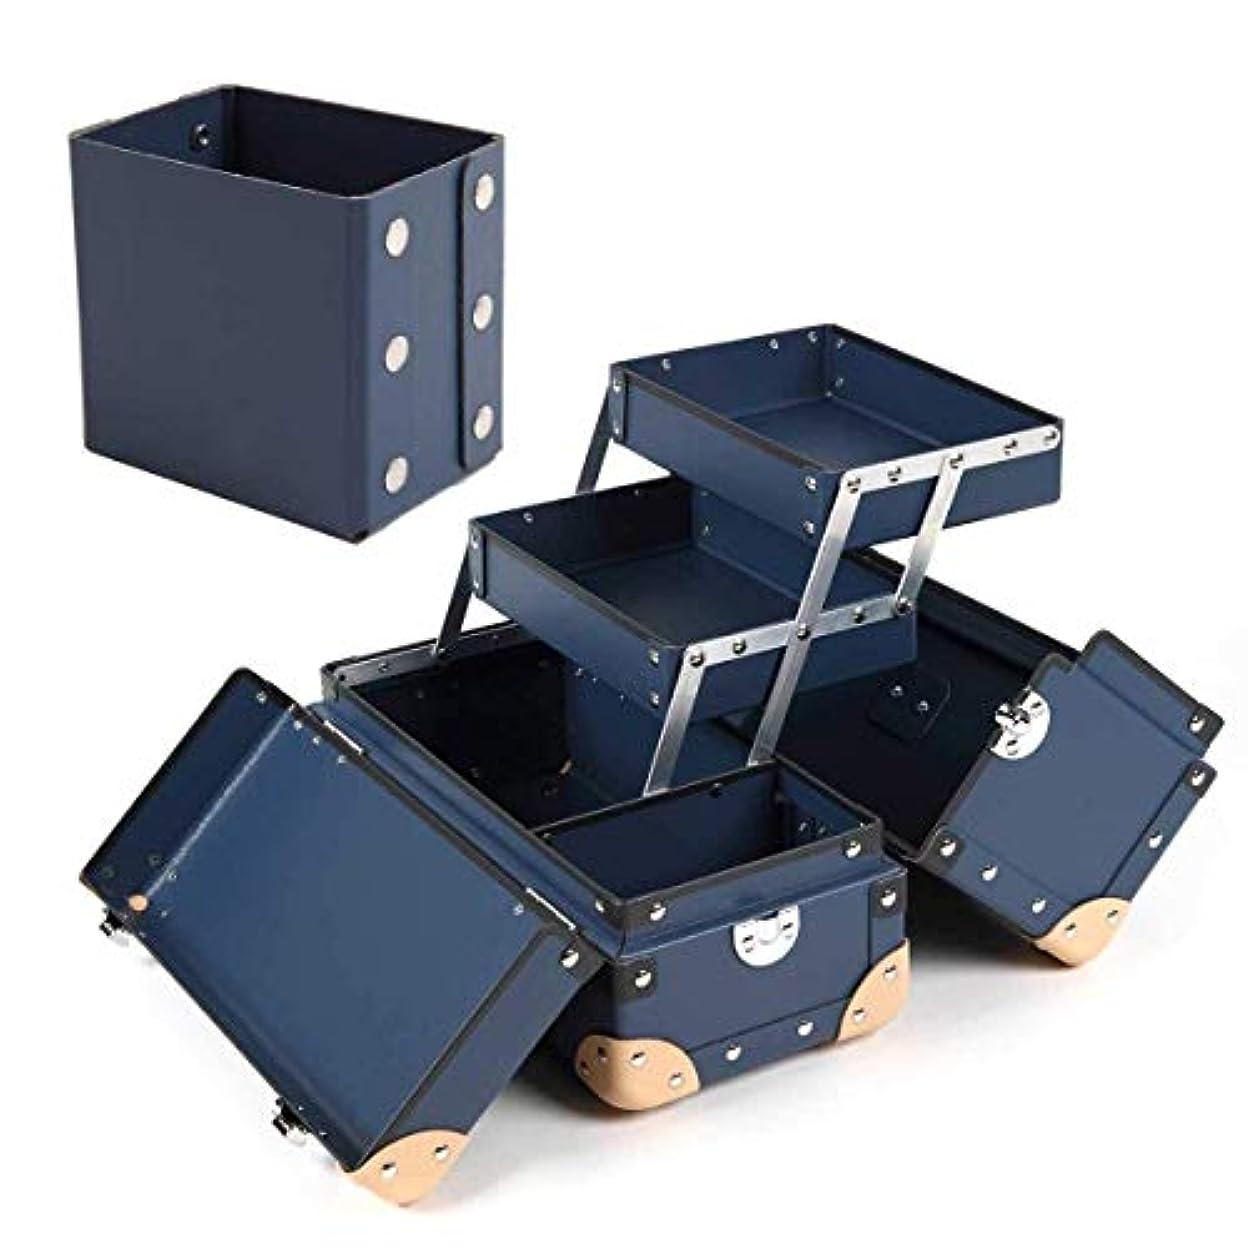 粗い取り戻すベーカリーメイクボックス コスメボックス Mサイズ 【ブラシスタンド付】 プロ用 [ ツール 収納 軽量 大容量] 日本製 職人手作り 【ヴォヤージュデザイン 全7色】 グラスマーブル正規品(VM ブルー)